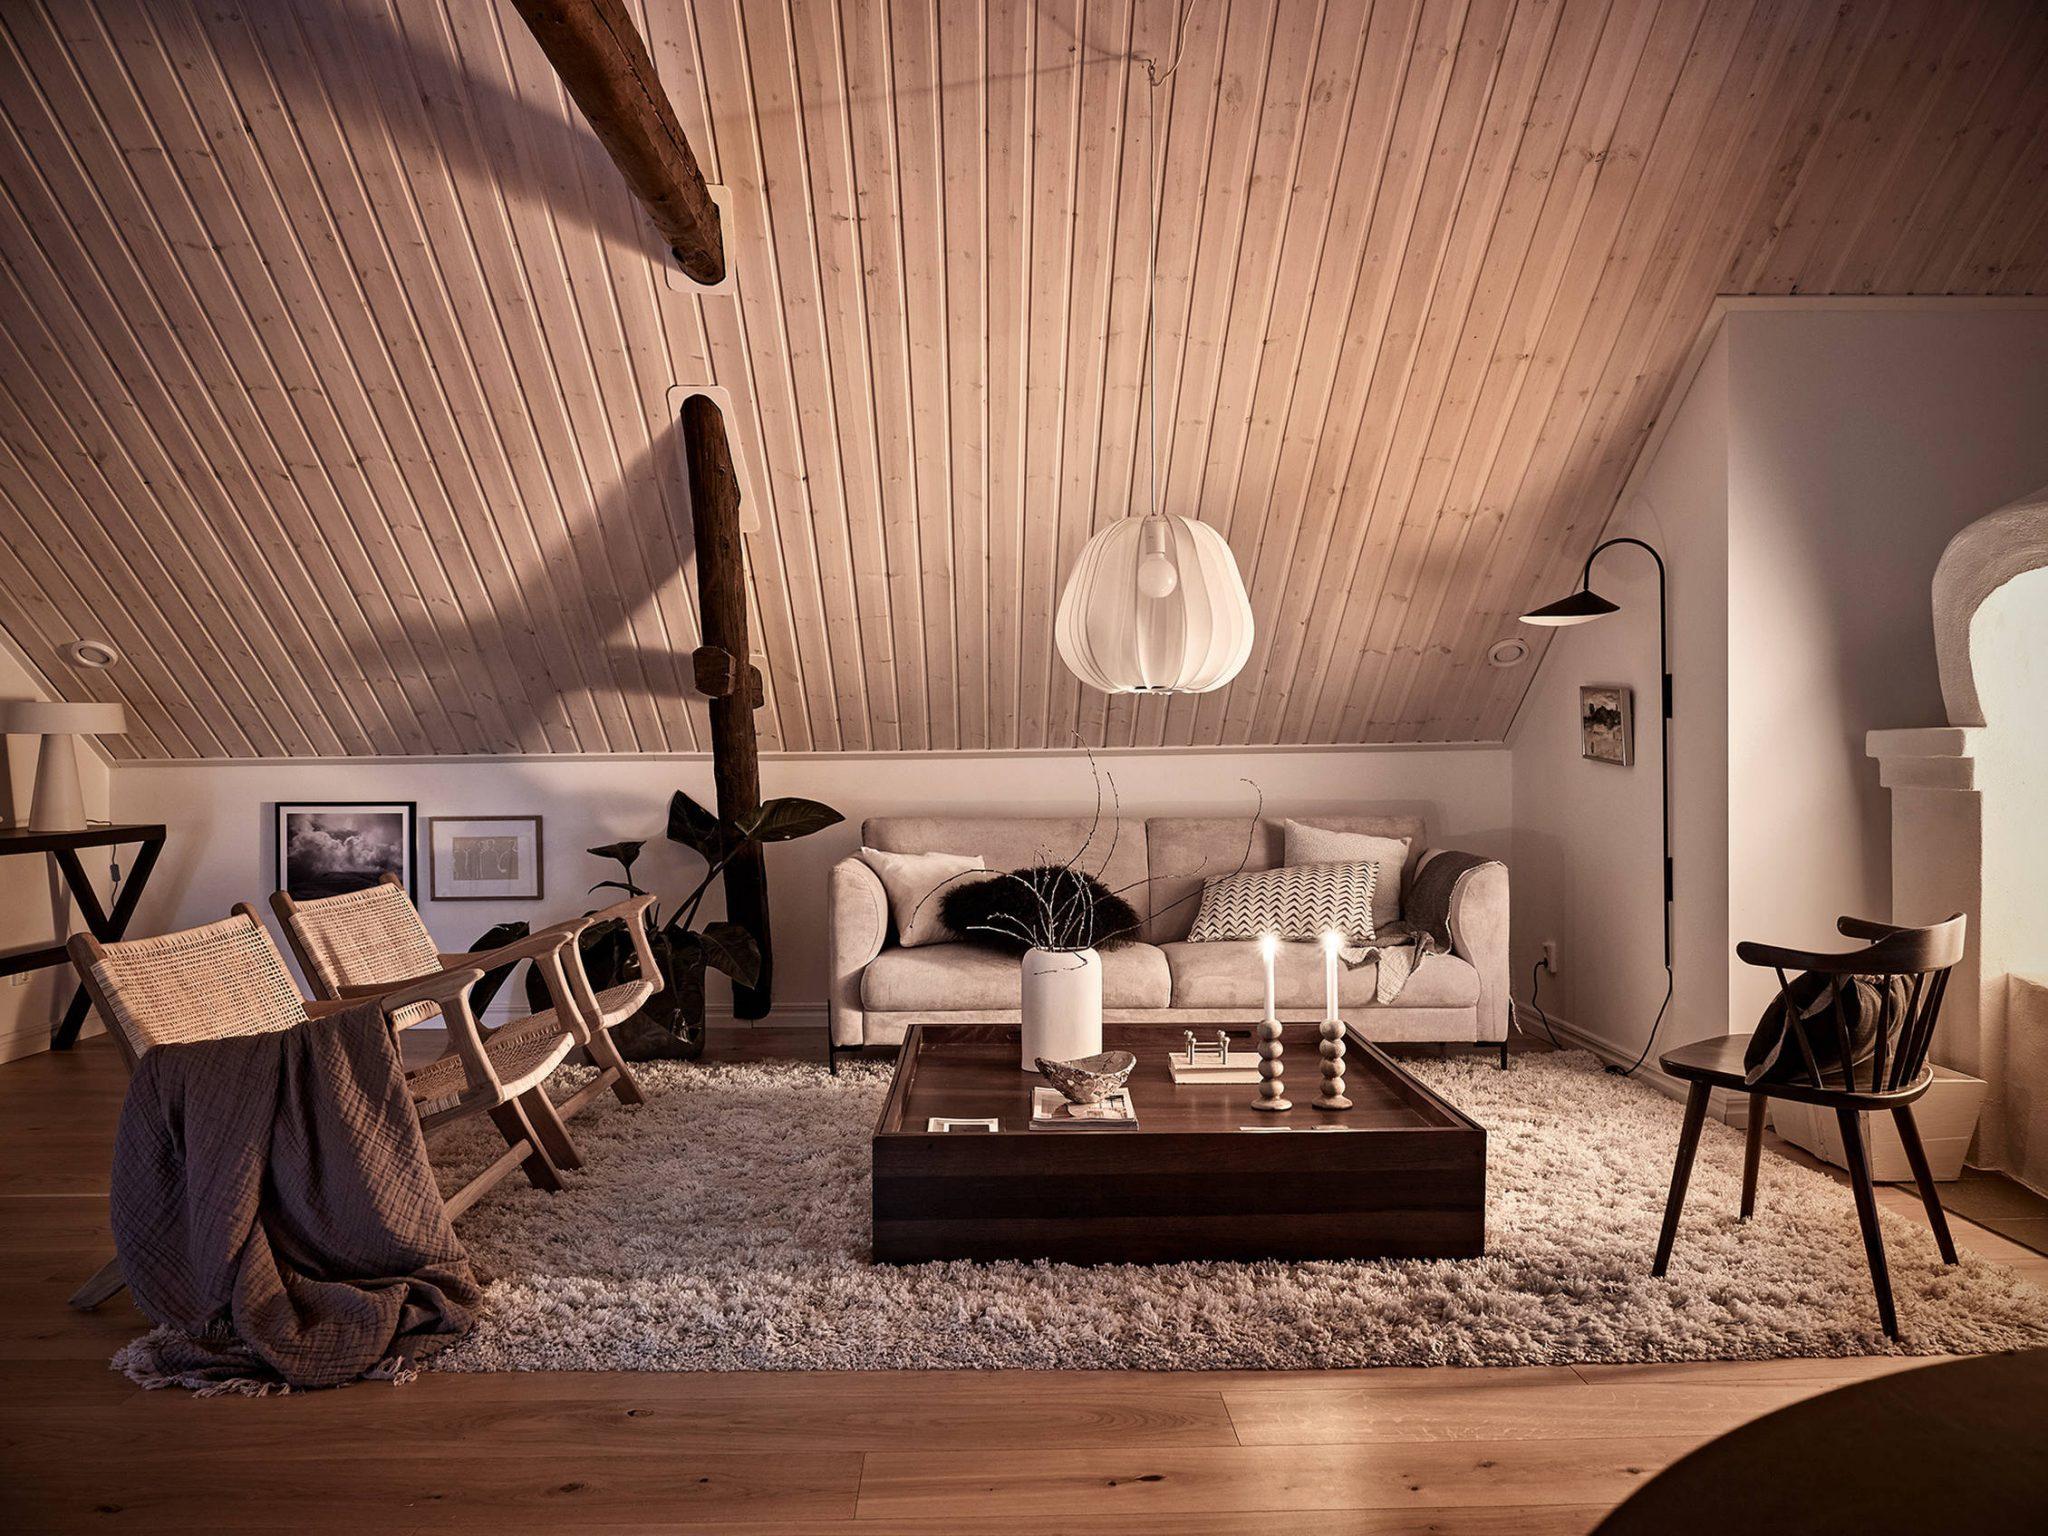 Tavan înclinat și decor rusti scandinav într o casă din Suedia 3